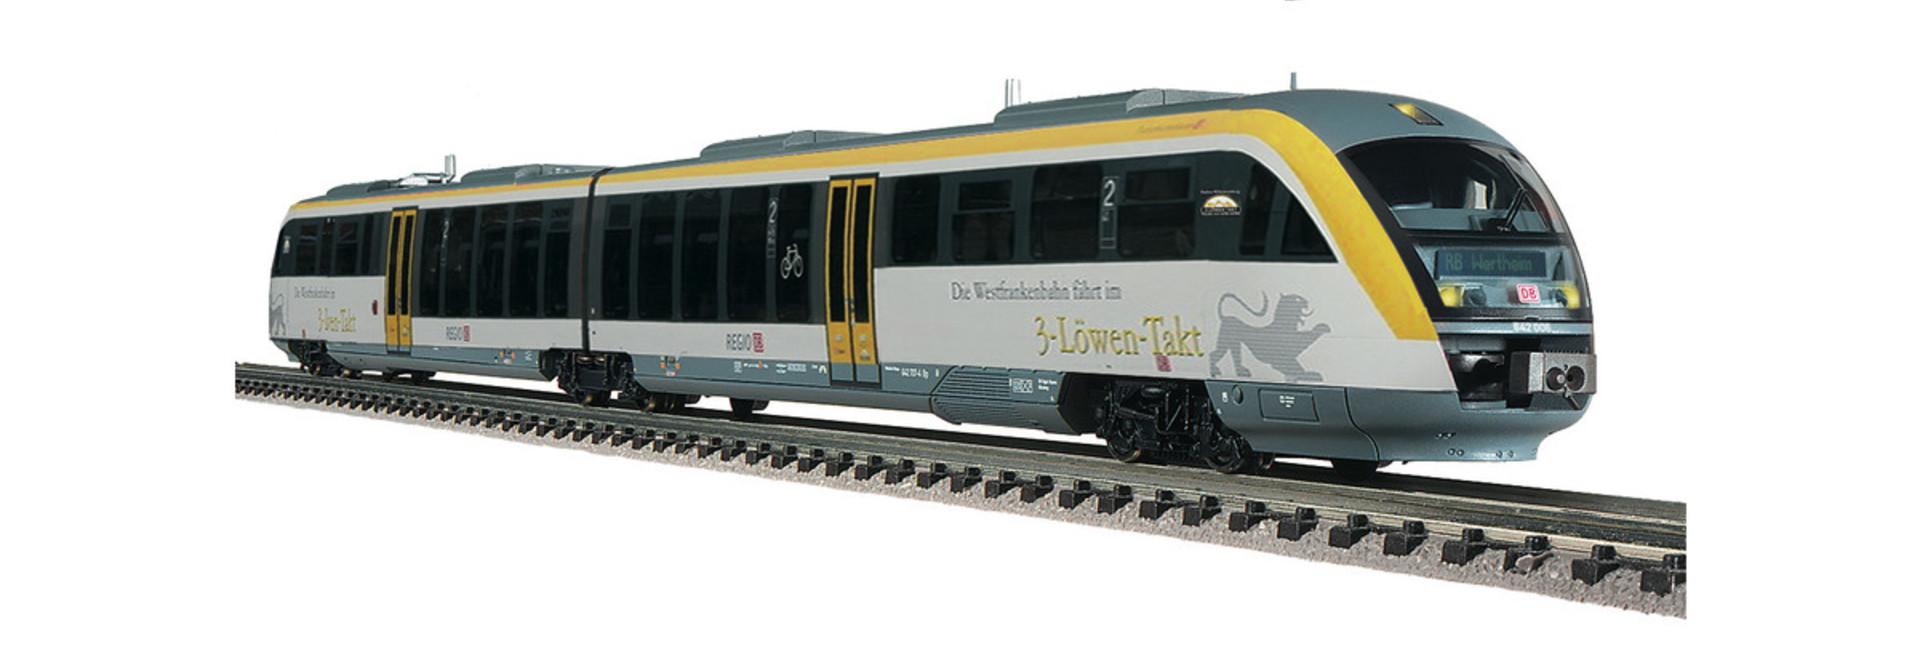 742098 Dieseltw. Desiro 3 Löwentakt S